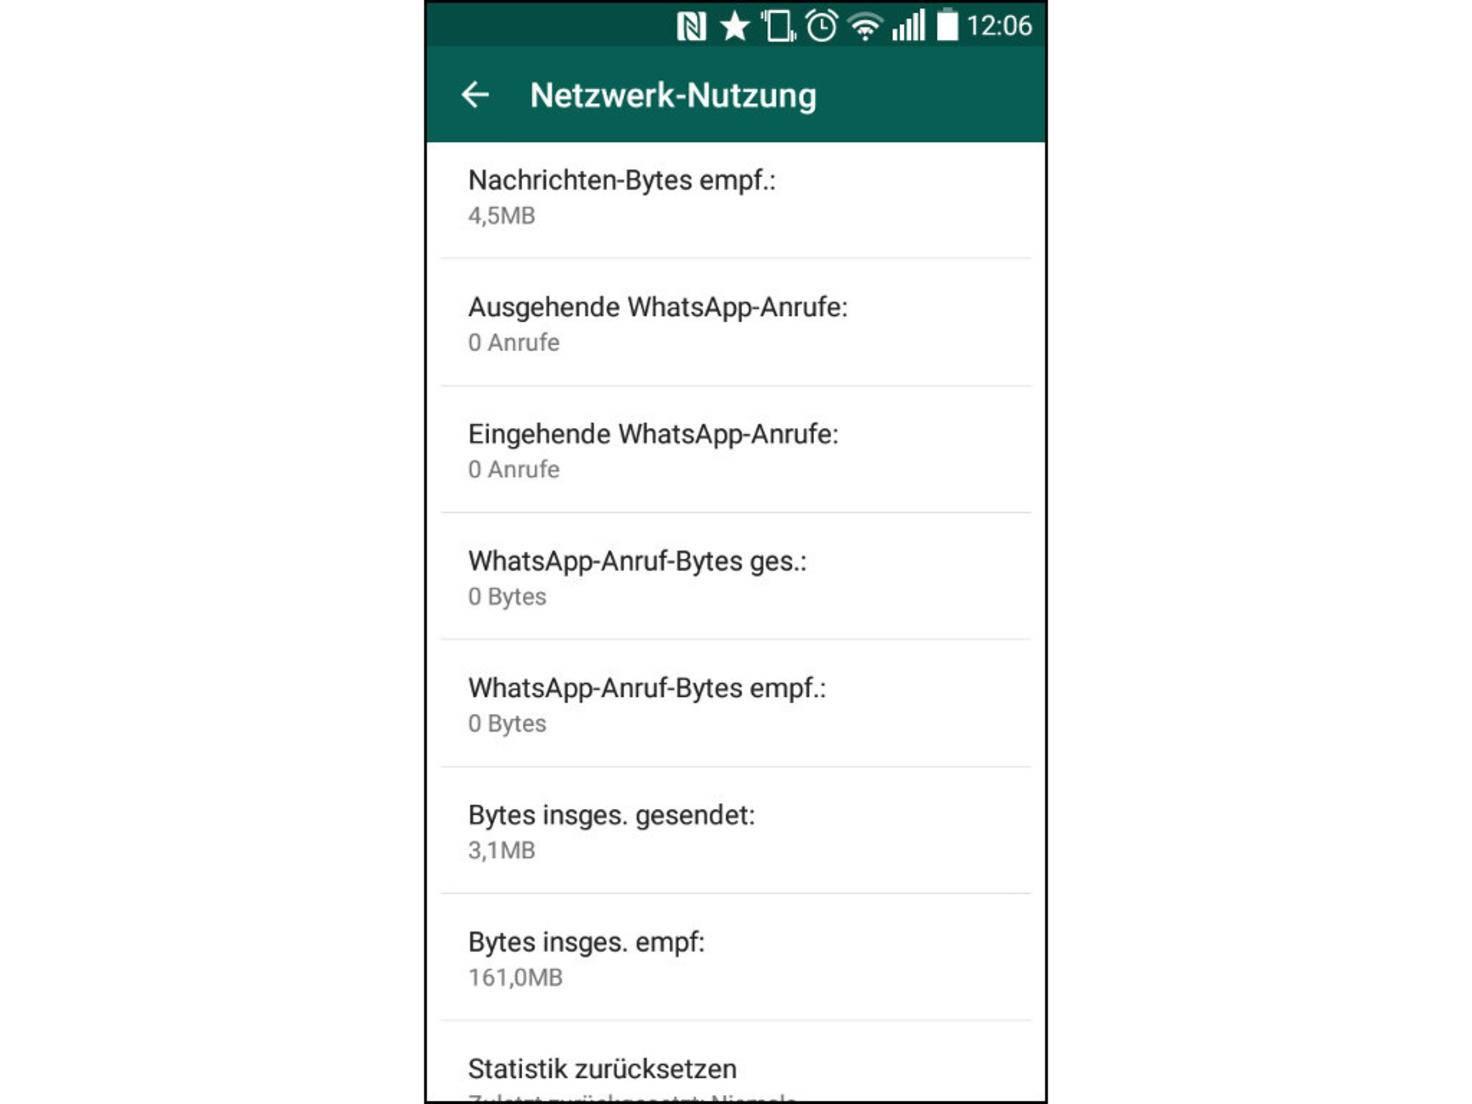 WahatsApp-Daten